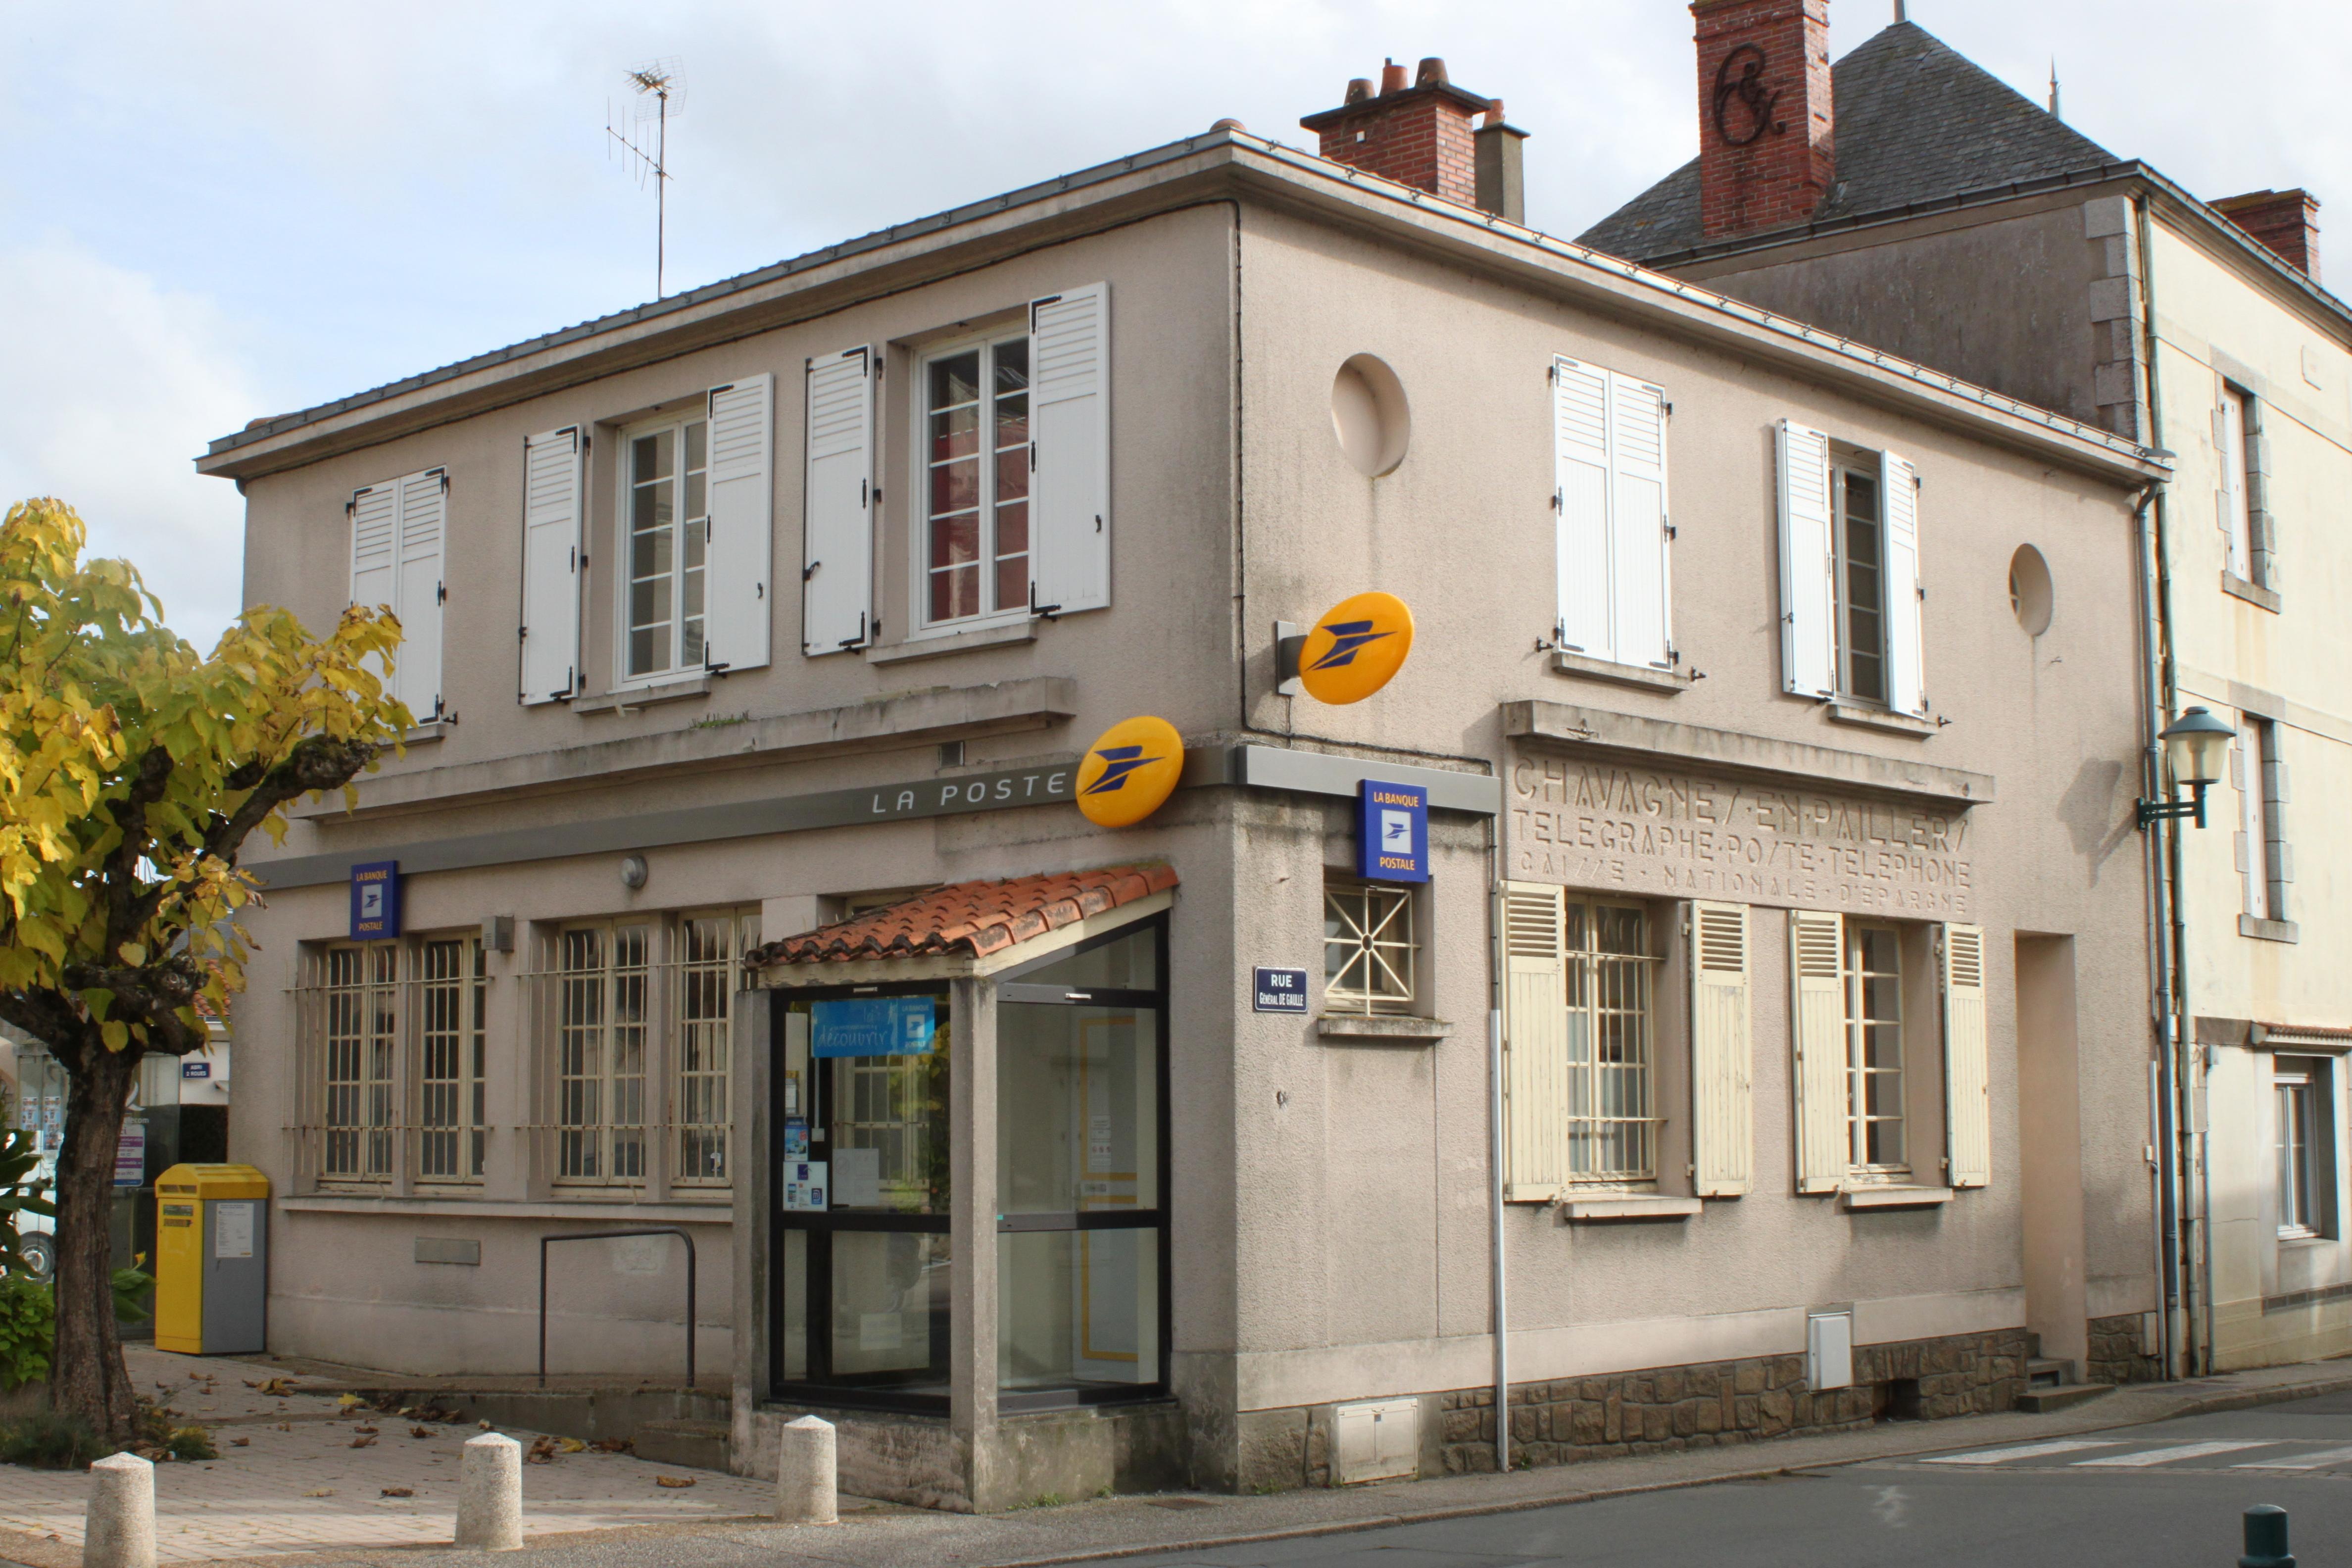 La Poste Le Poiré Sur Vie chavagnes-en-paillers - wikipedia